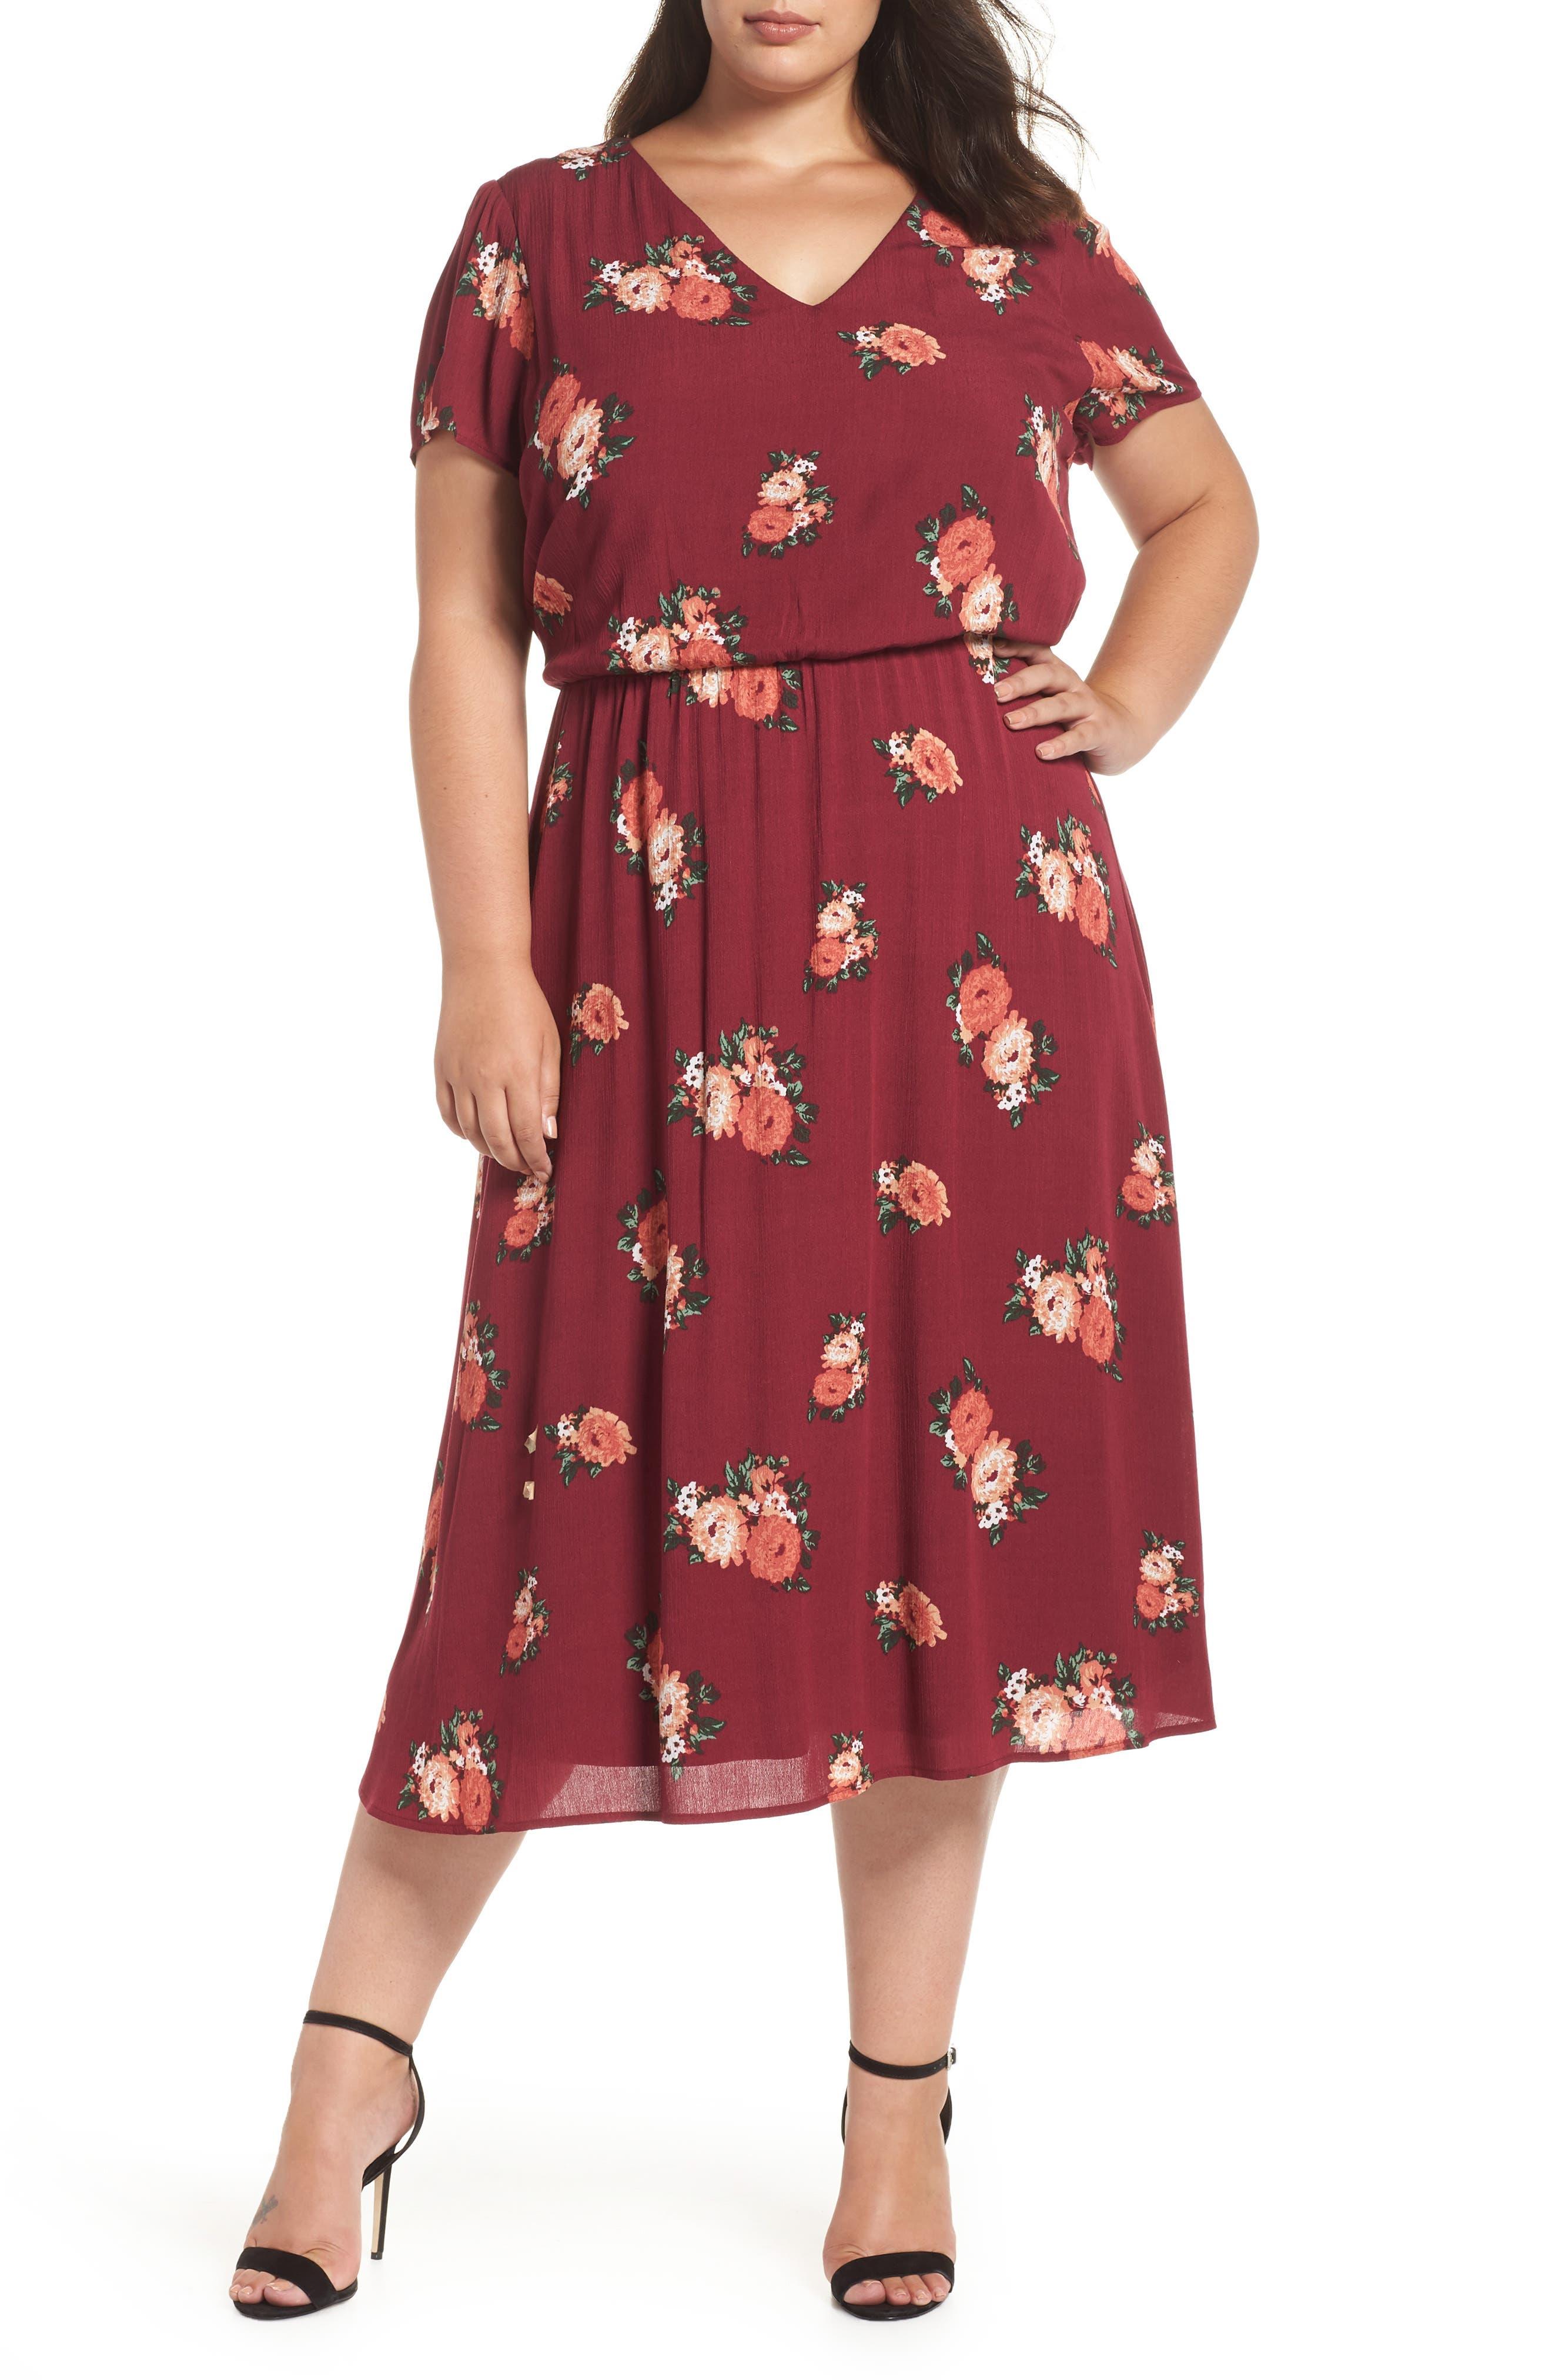 Blouson Midi Dress,                             Main thumbnail 1, color,                             606